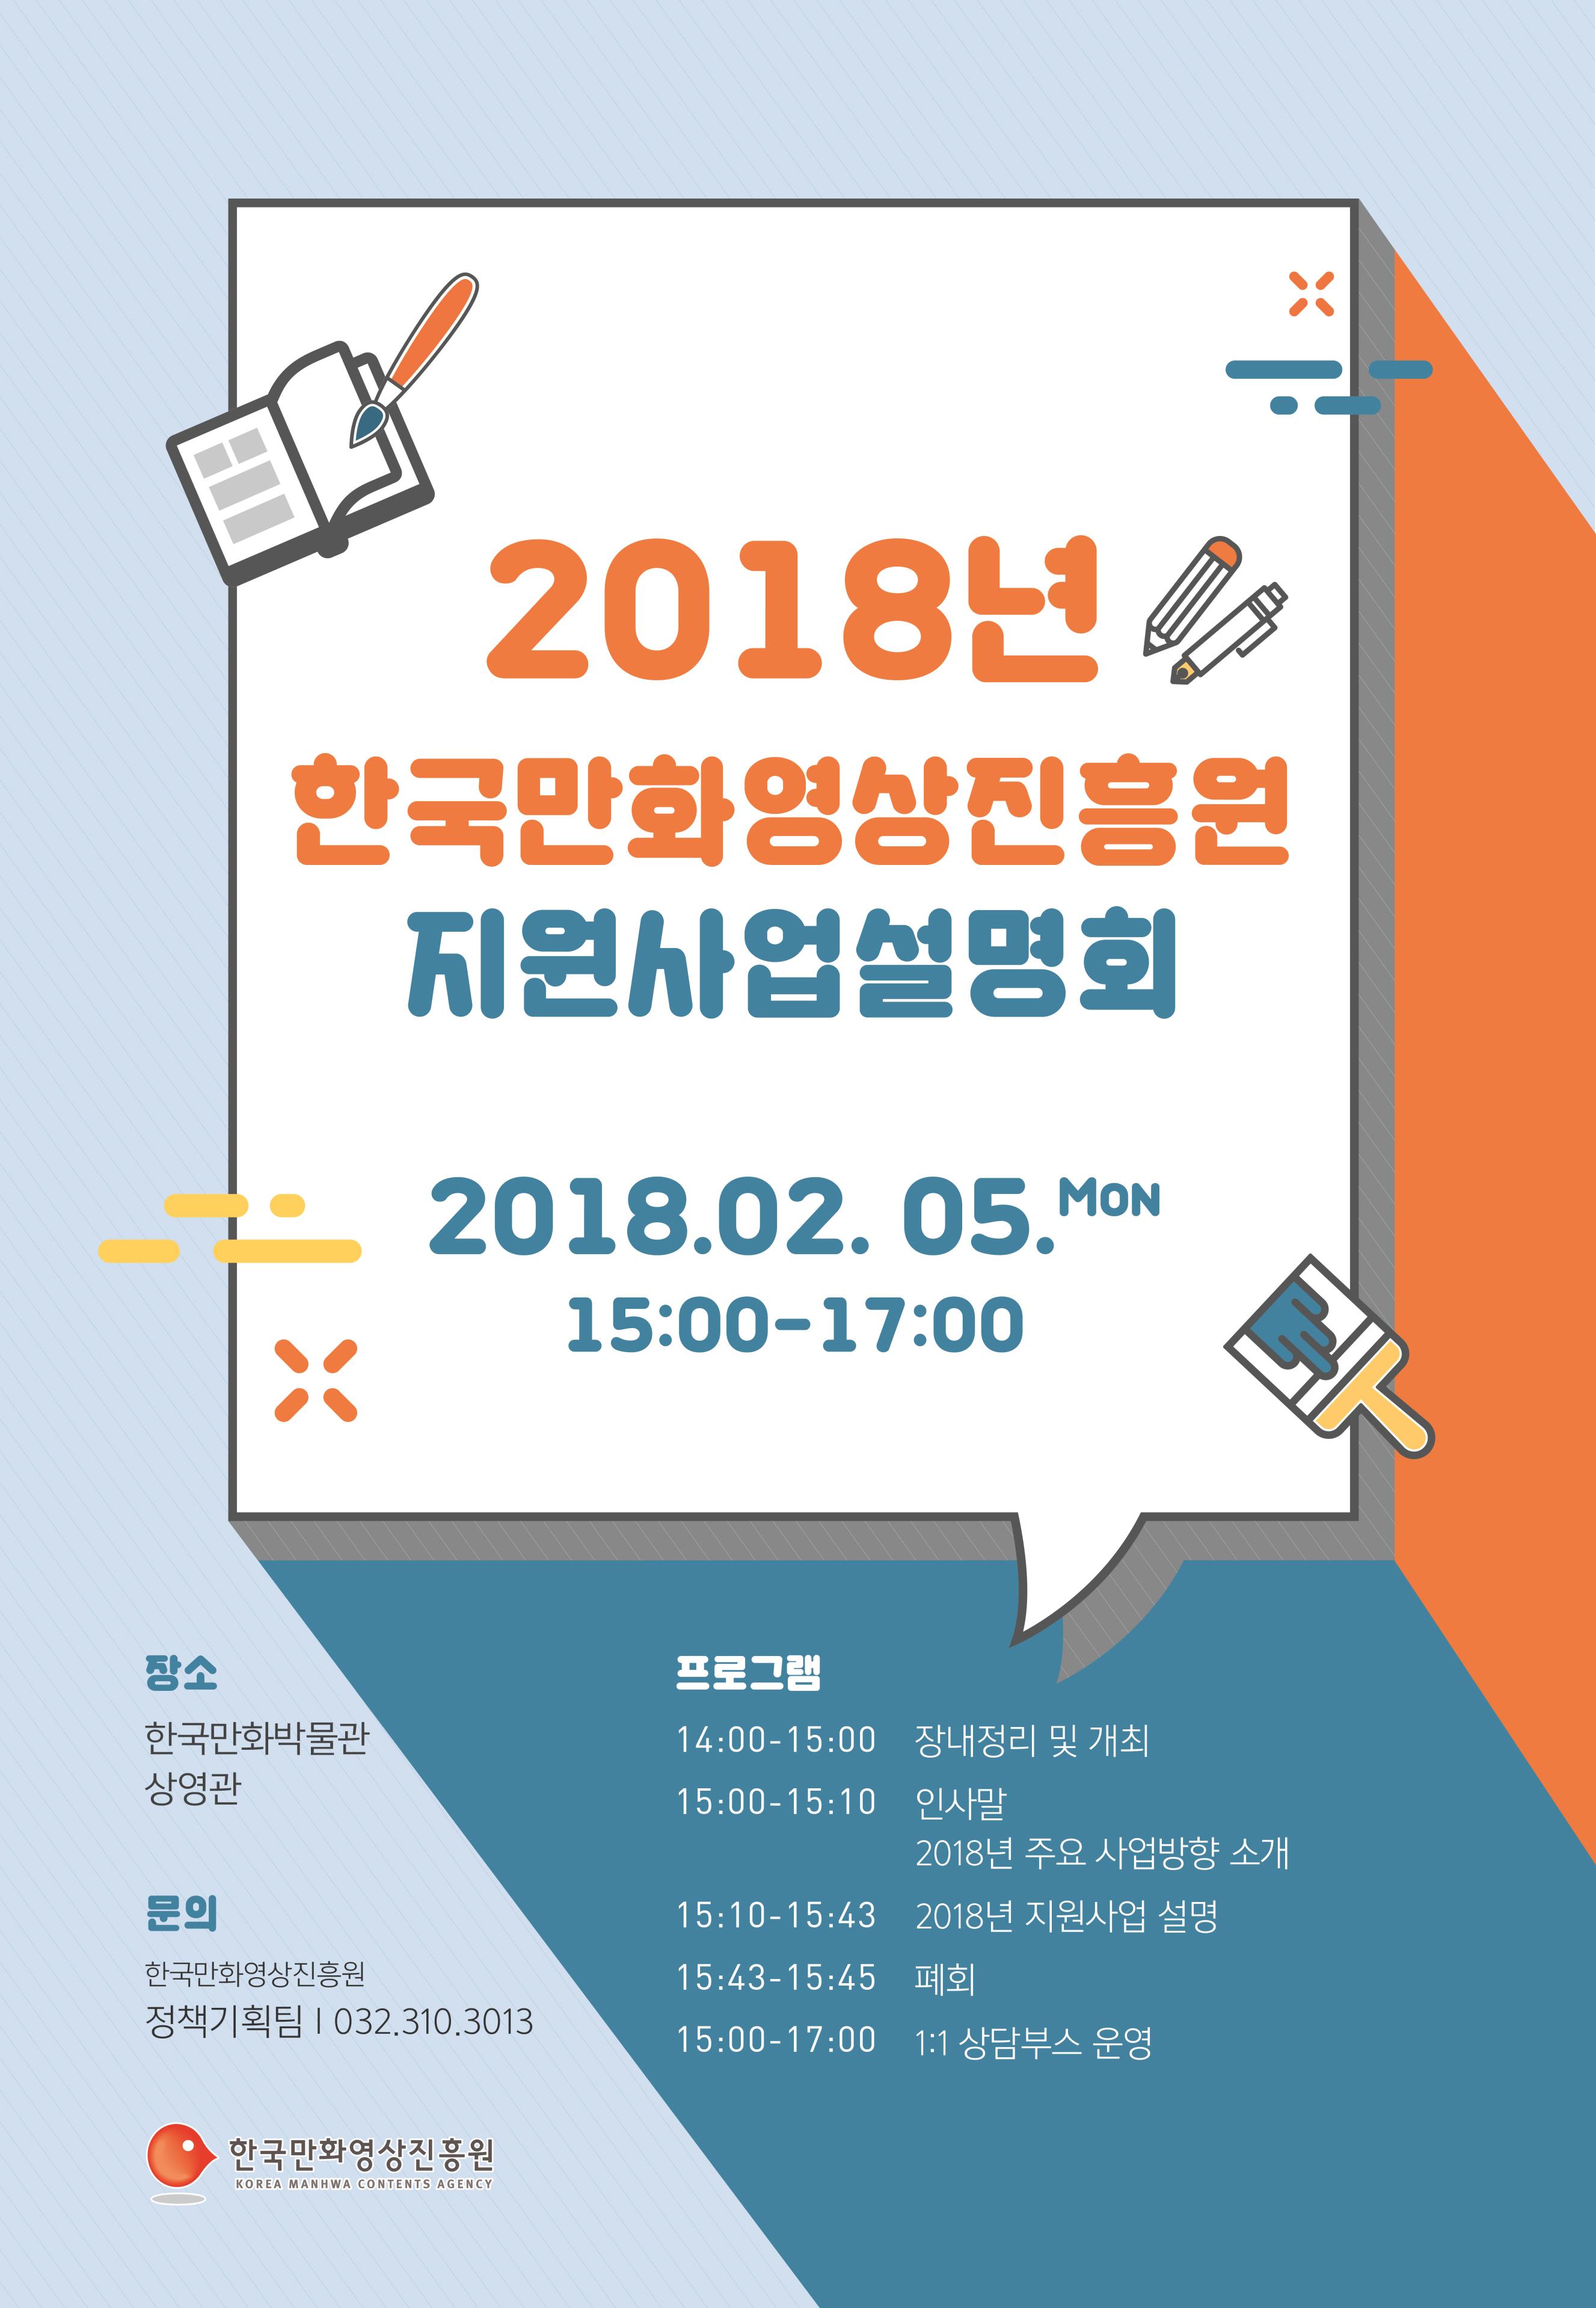 [한국만화영상진흥원] 2018 지원사업 설명회 개최